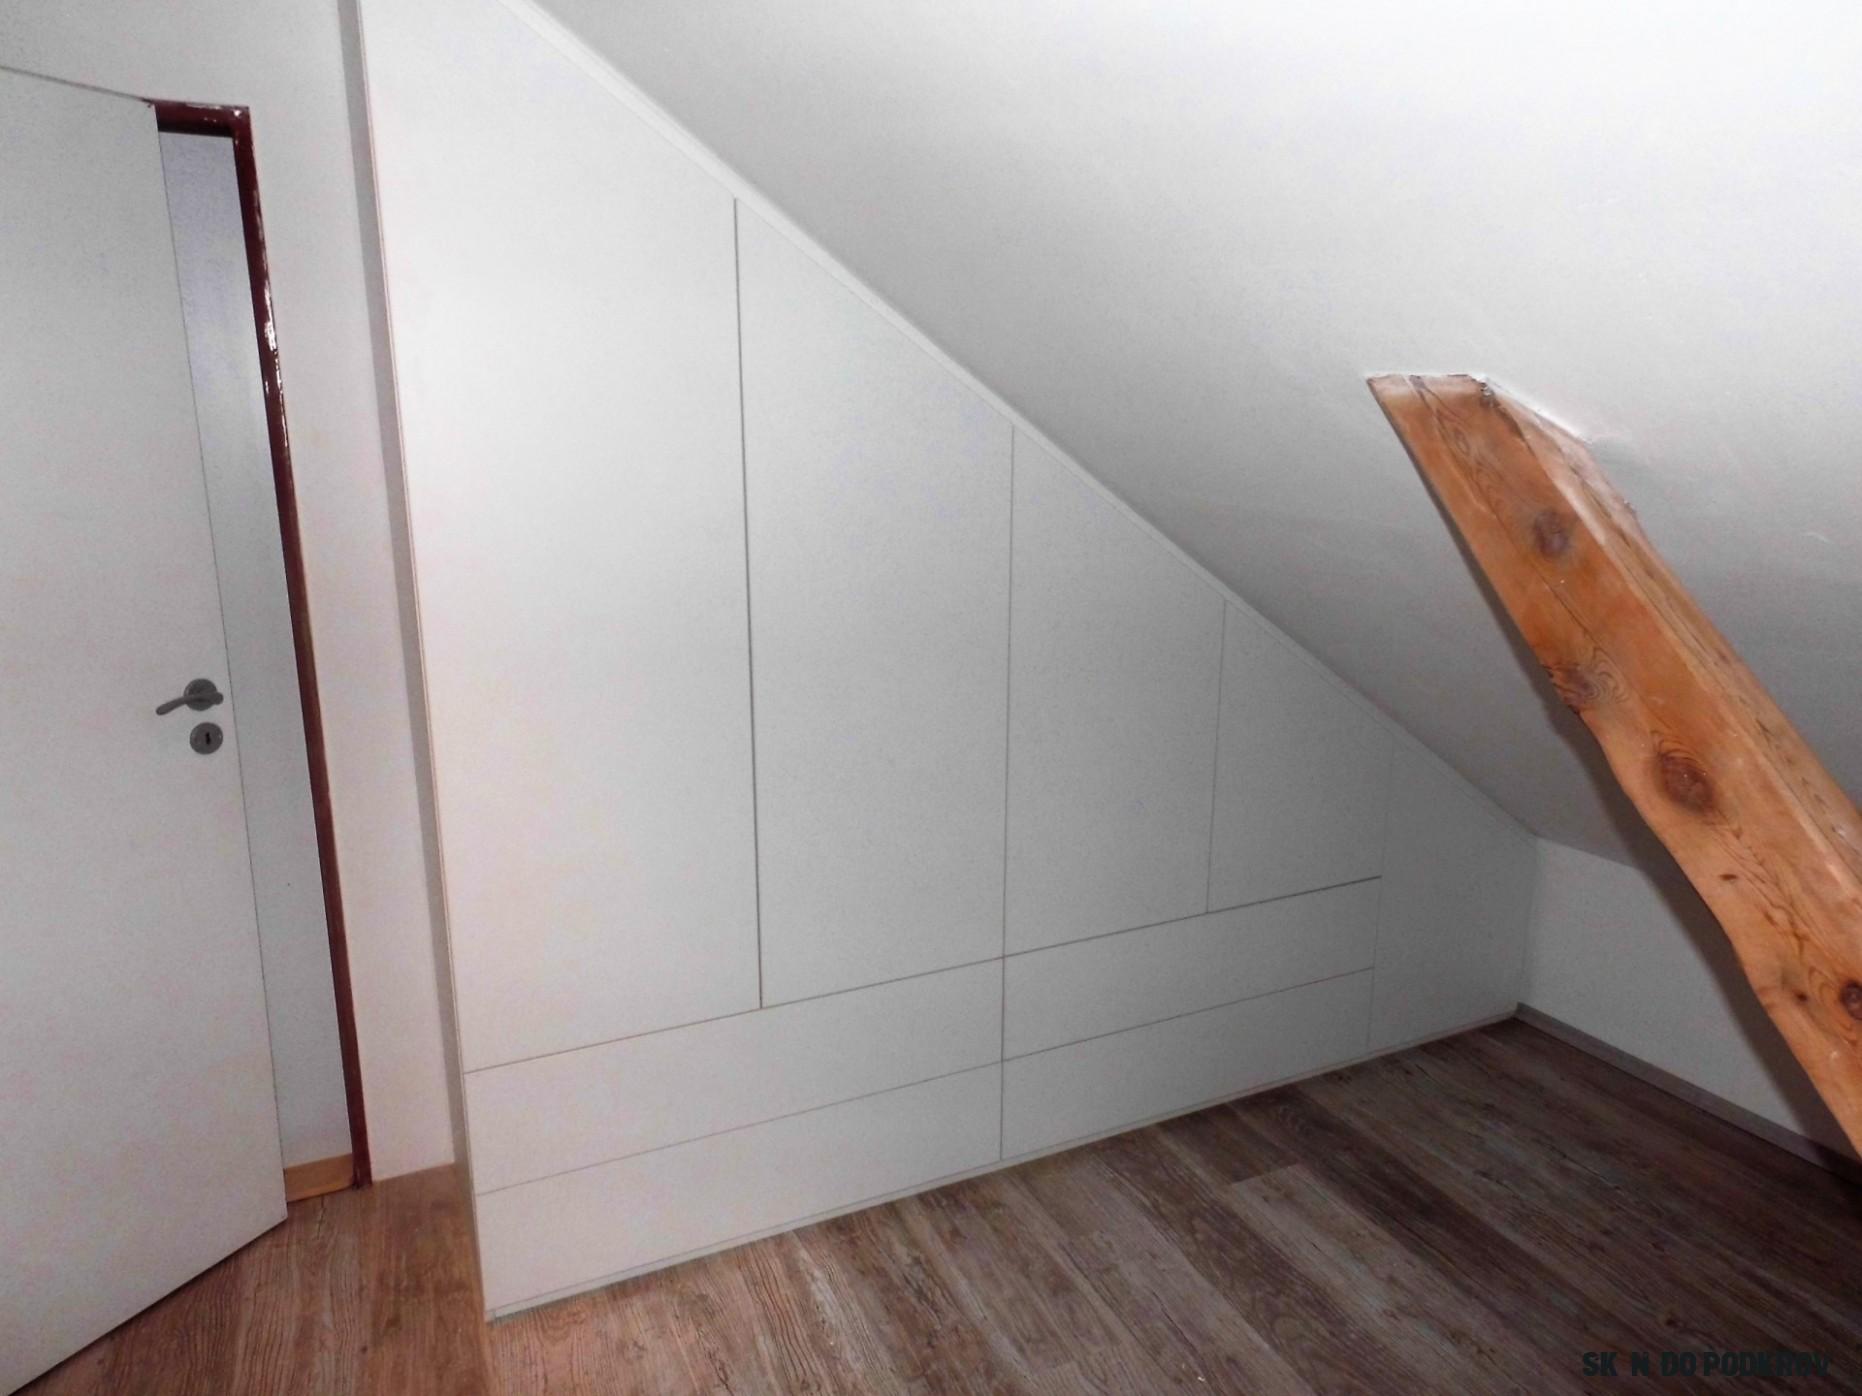 Vestavěné skříně do podkroví  atypické šikmé skříně  Fotogalerie